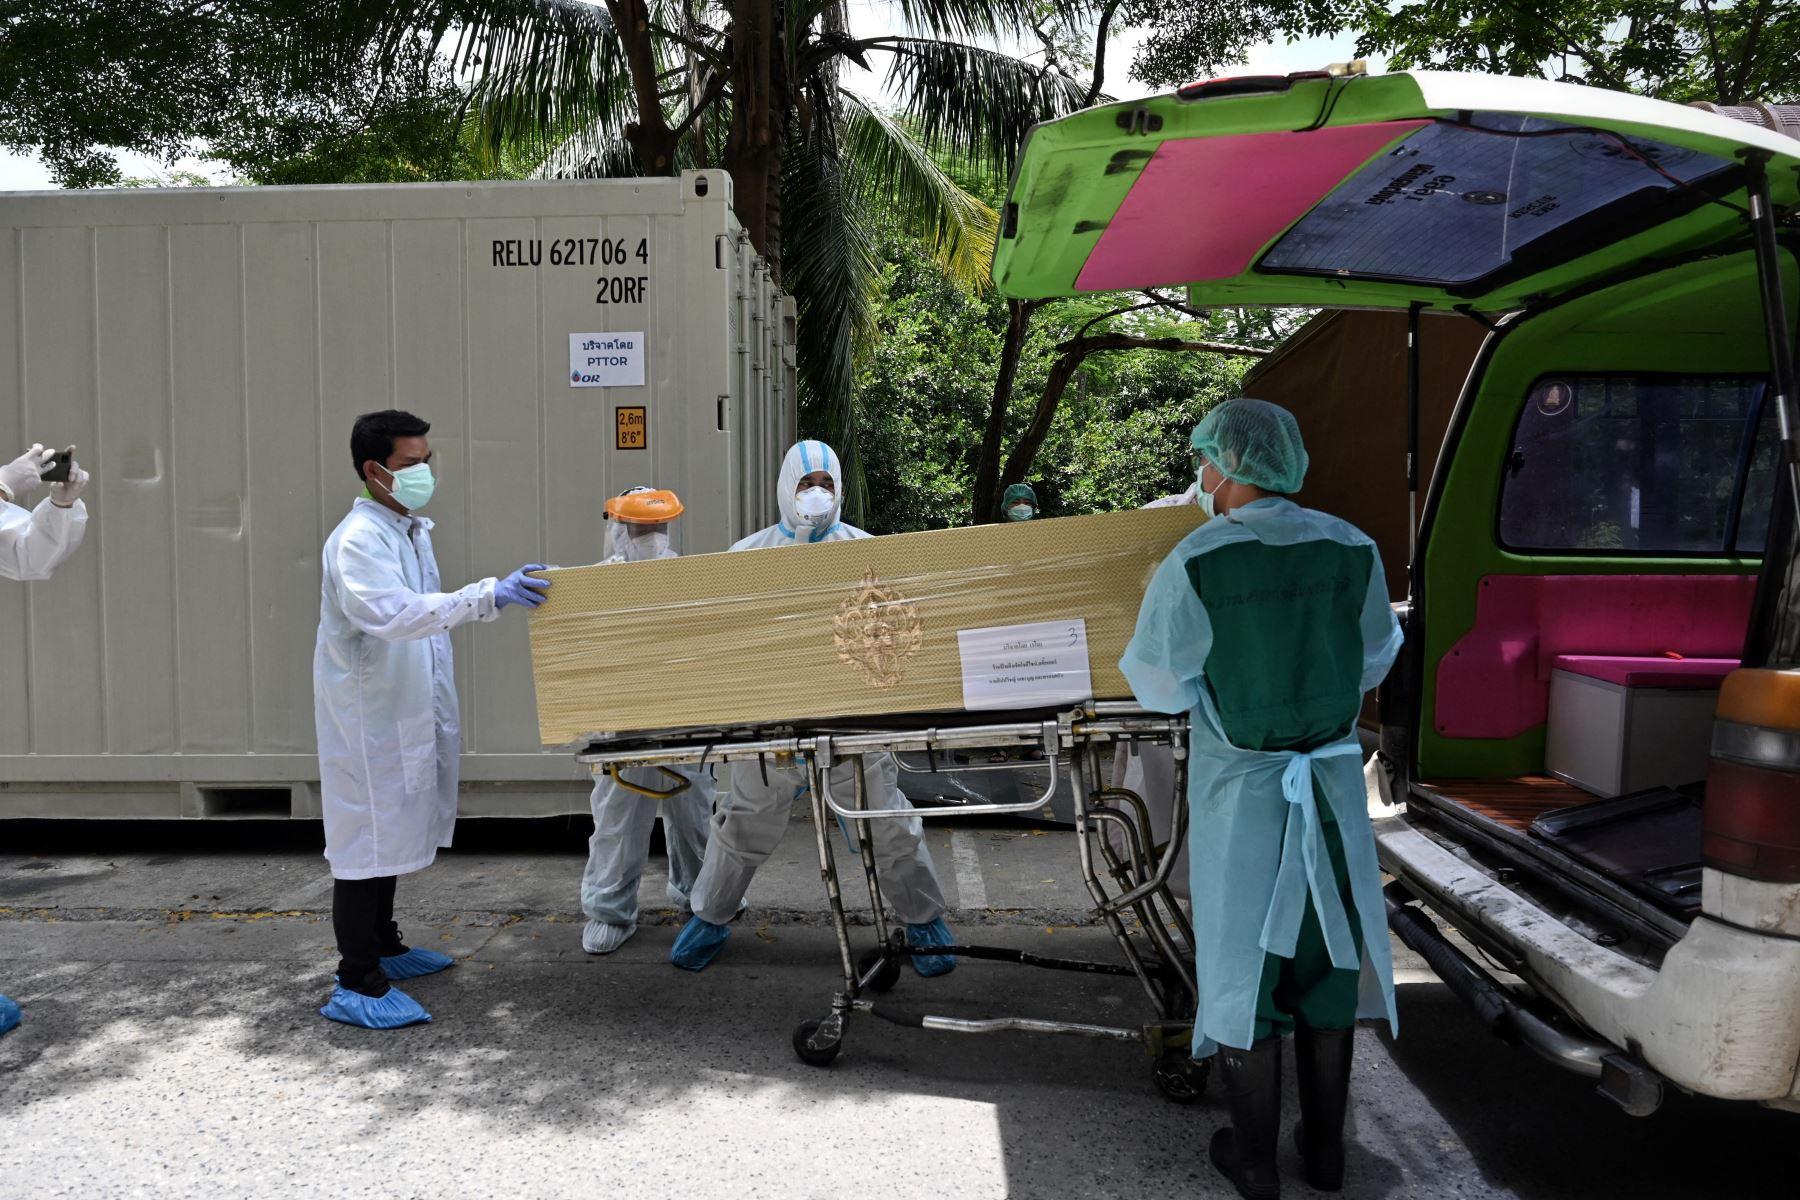 Los trabajadores del hospital trasladan a las víctimas del coronavirus de un contenedor de almacenamiento refrigerado a ataúdes fuera de la morgue del Hospital Thammasat en la provincia de Pathum Thani, al norte de Bangkok. Foto: AFP